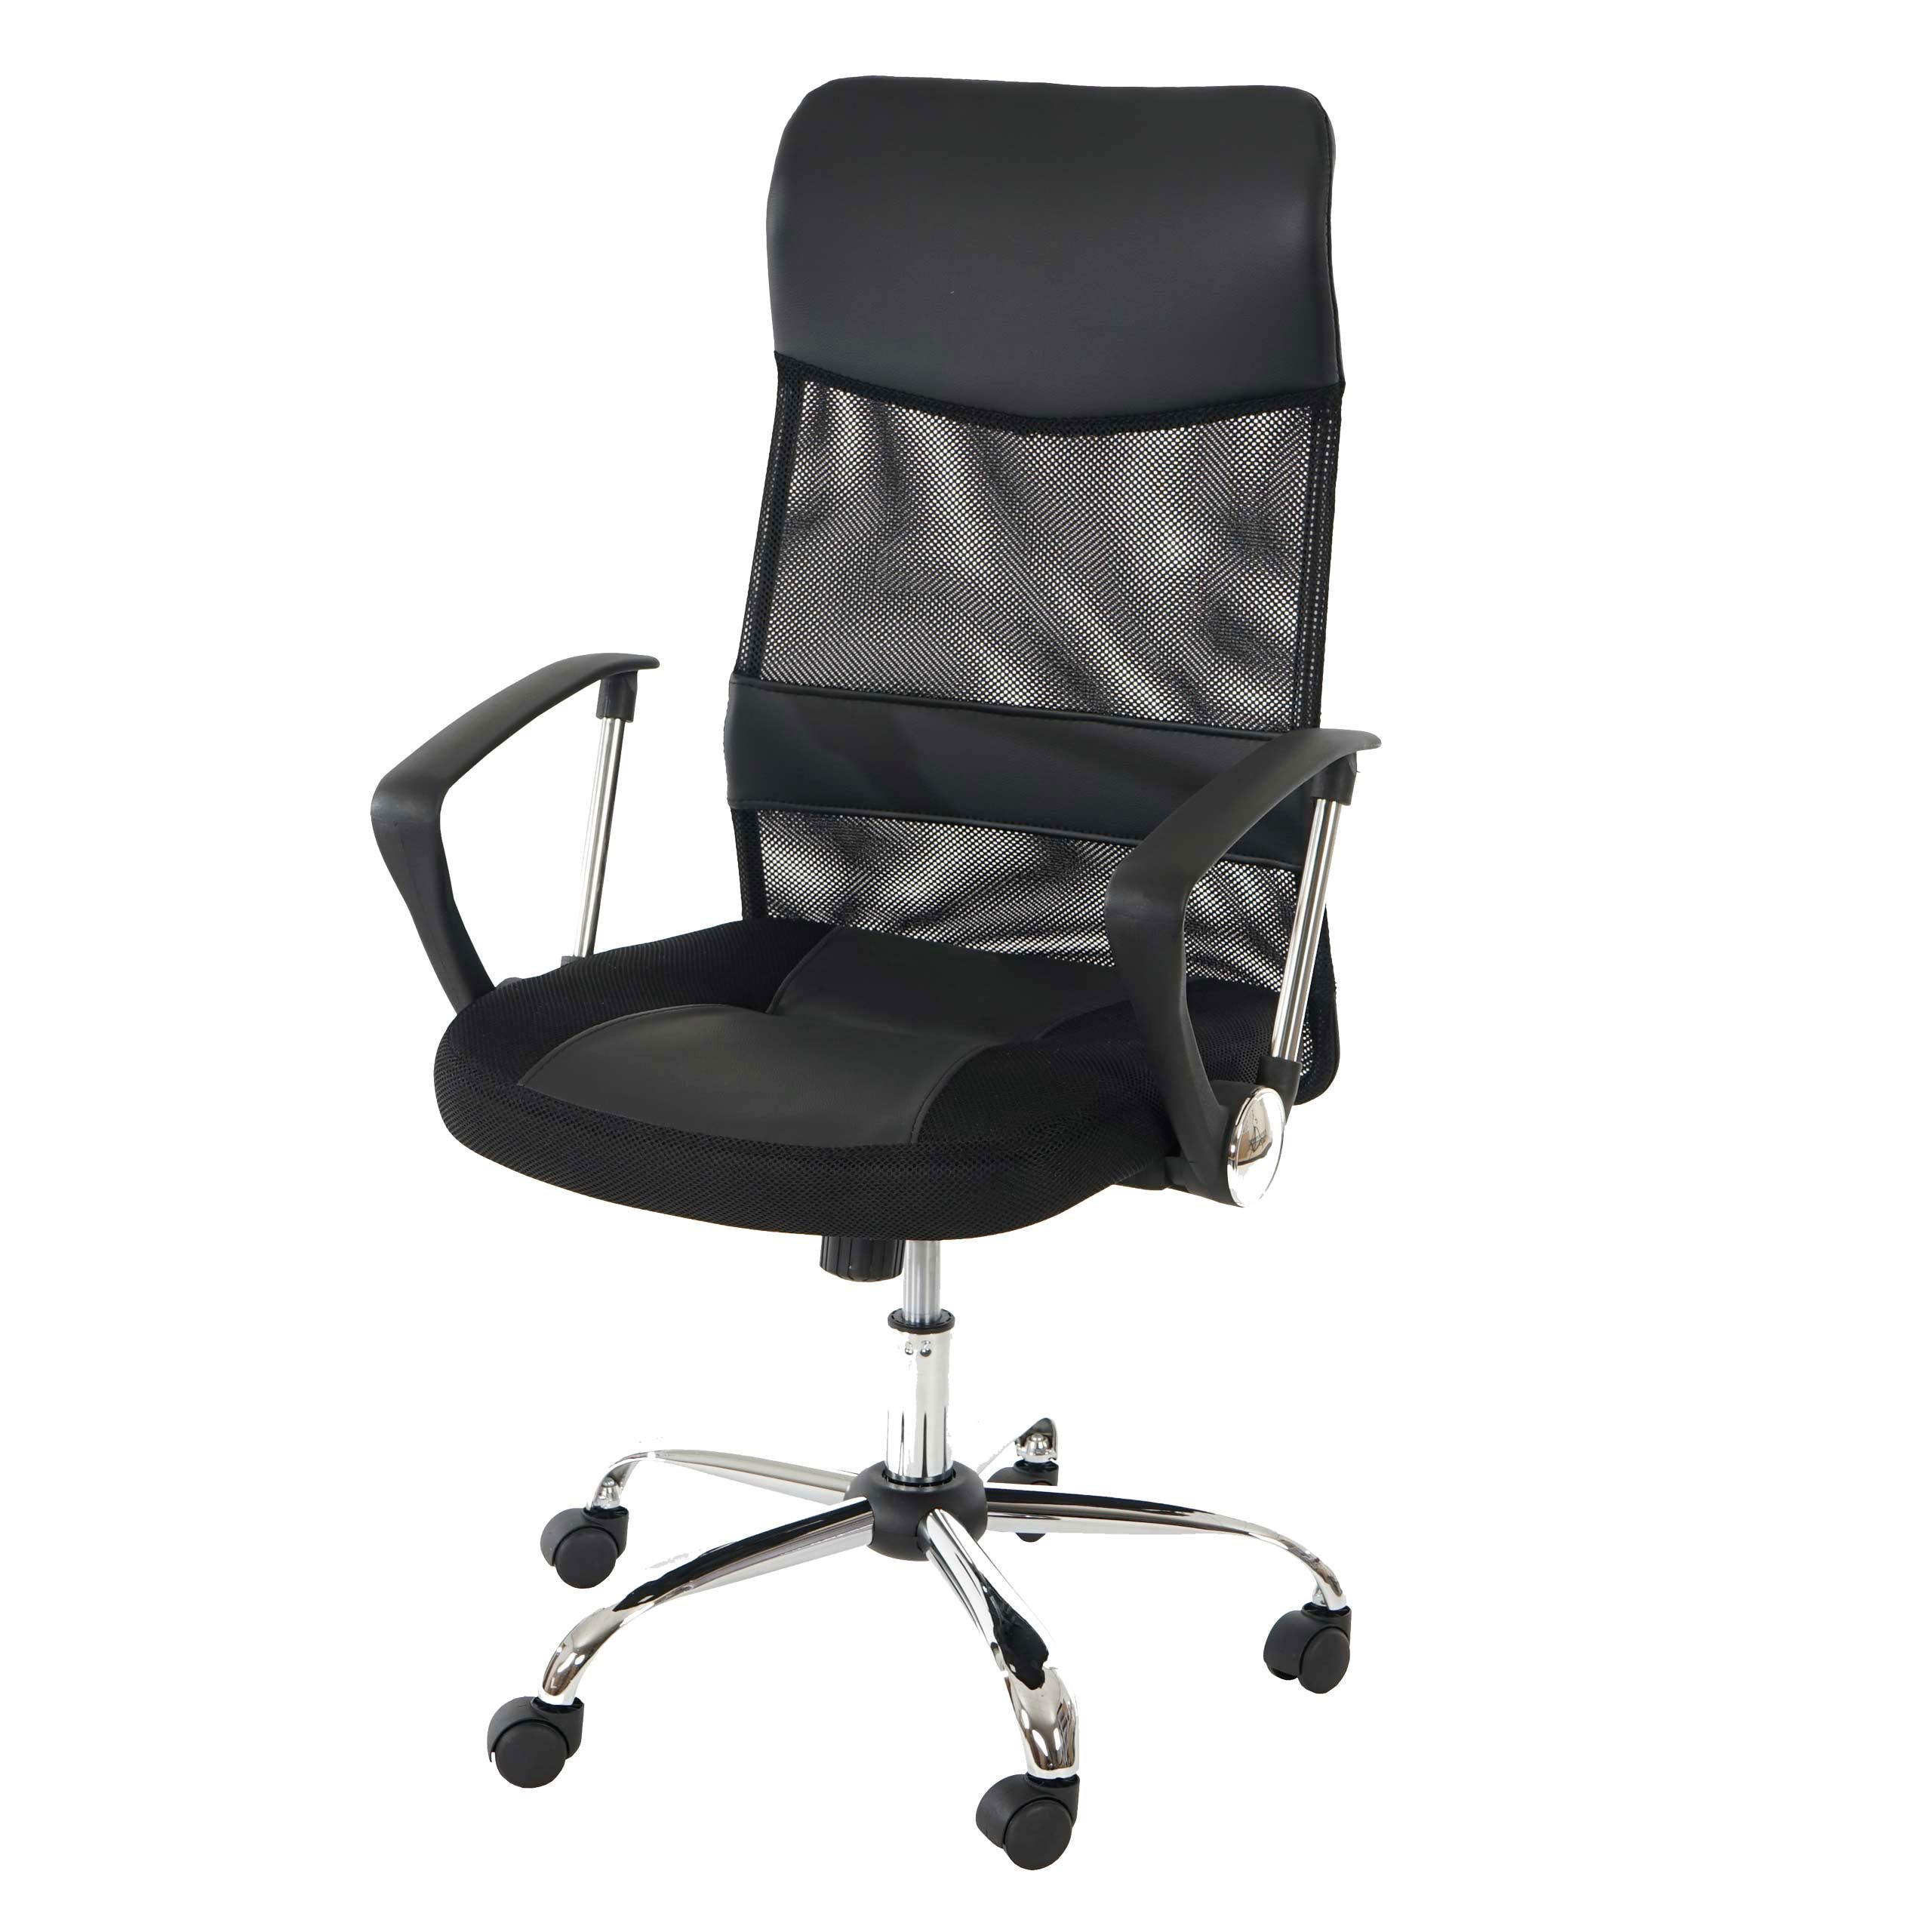 drehstuhl b rostuhl schreibtischstuhl oslo schwarz pu breite st tze ebay. Black Bedroom Furniture Sets. Home Design Ideas